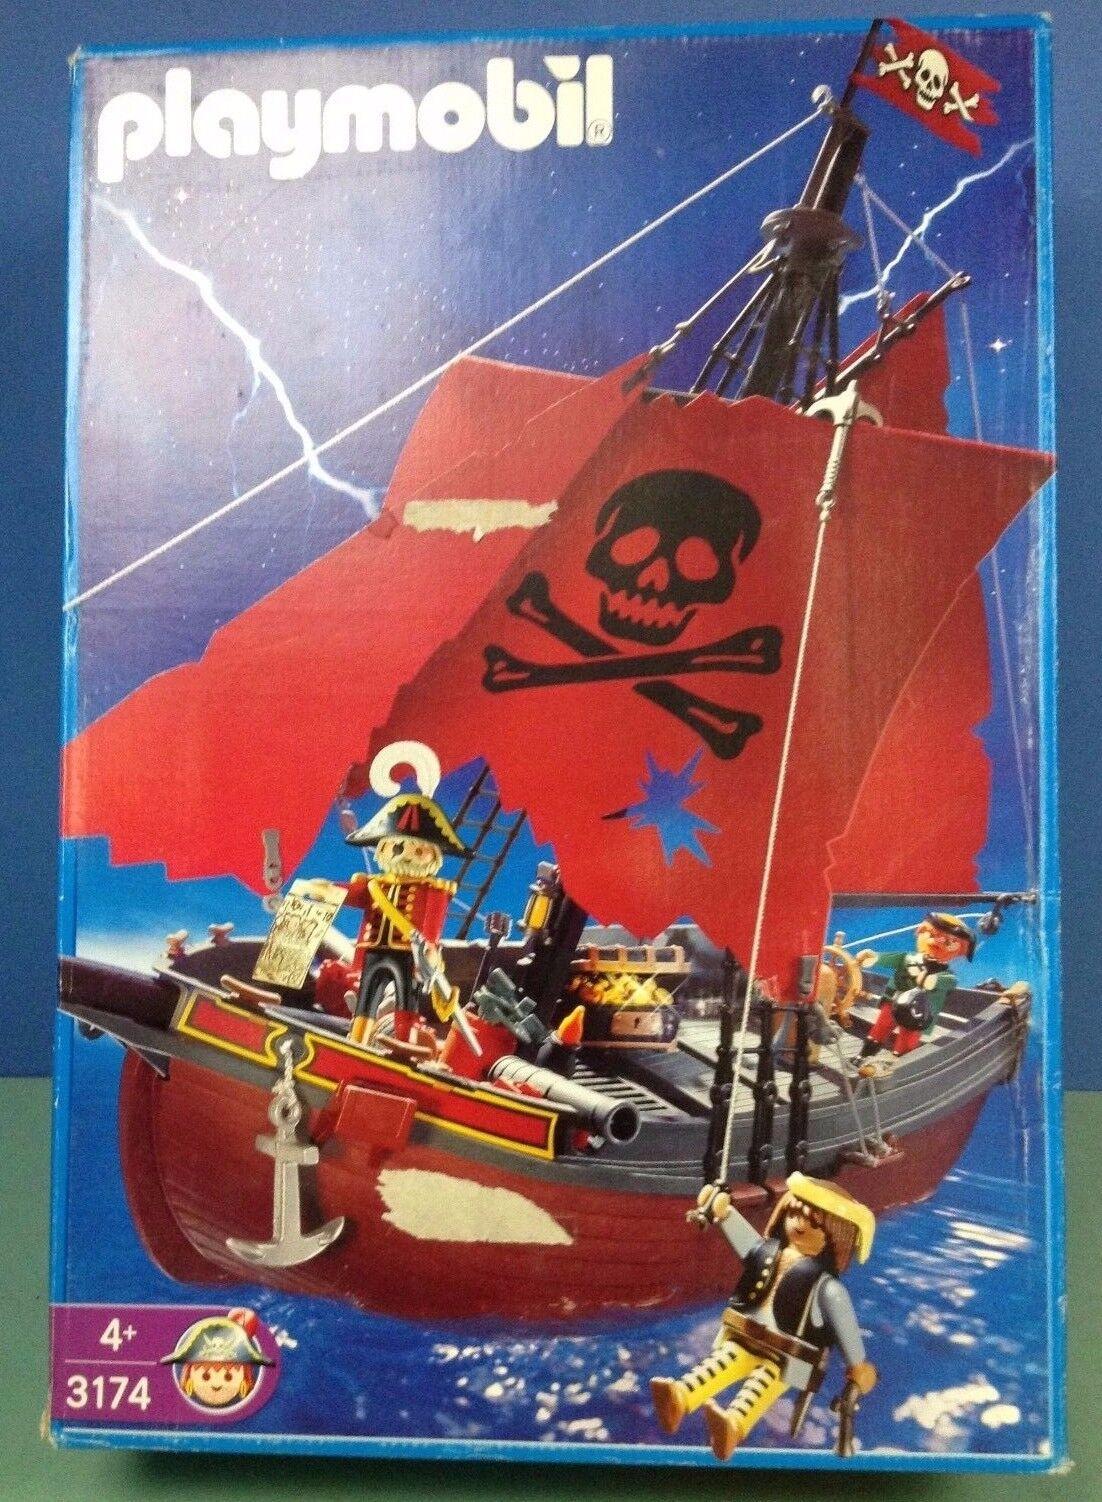 (O3174) playmobil bateau pirate rot ref ref ref 3174 boite complète 40acf4